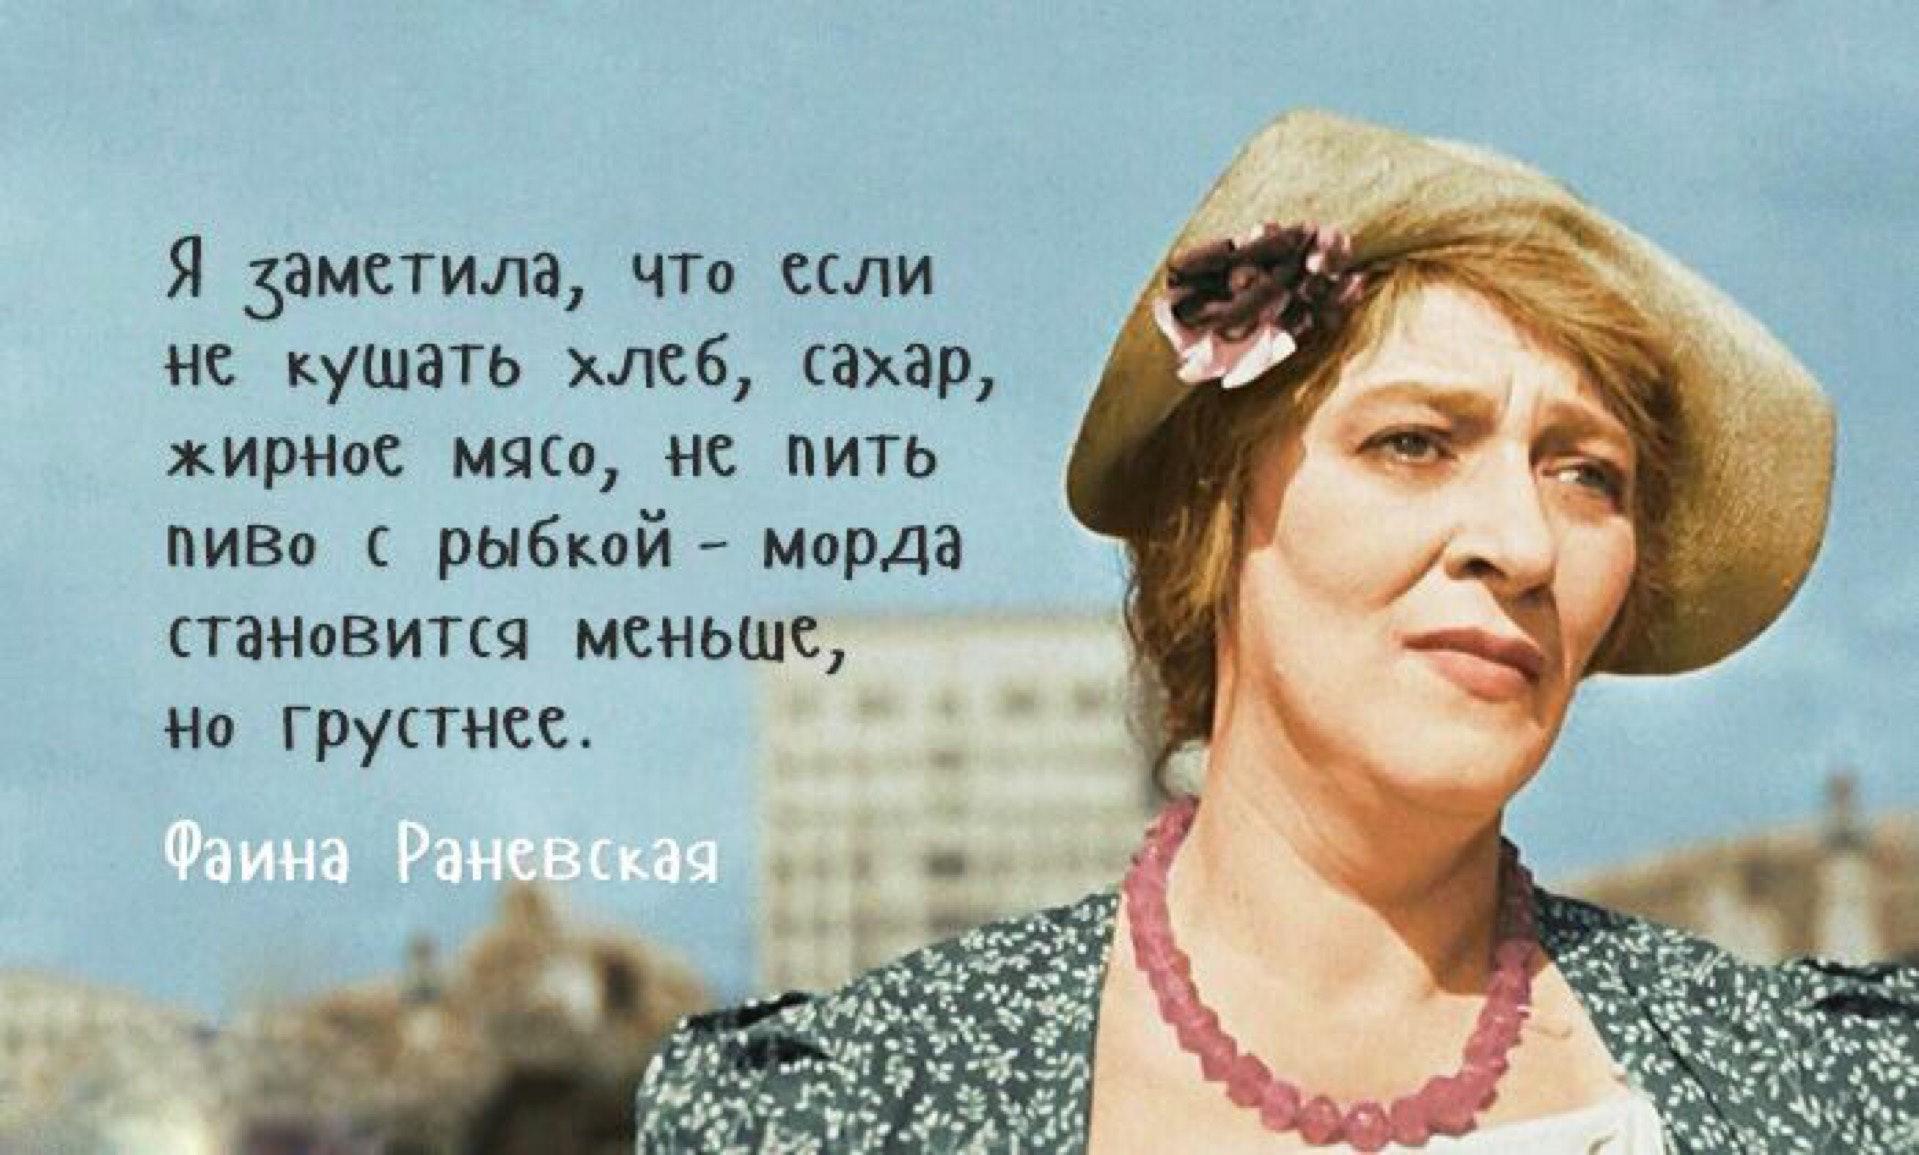 Цитаты про характер девушек